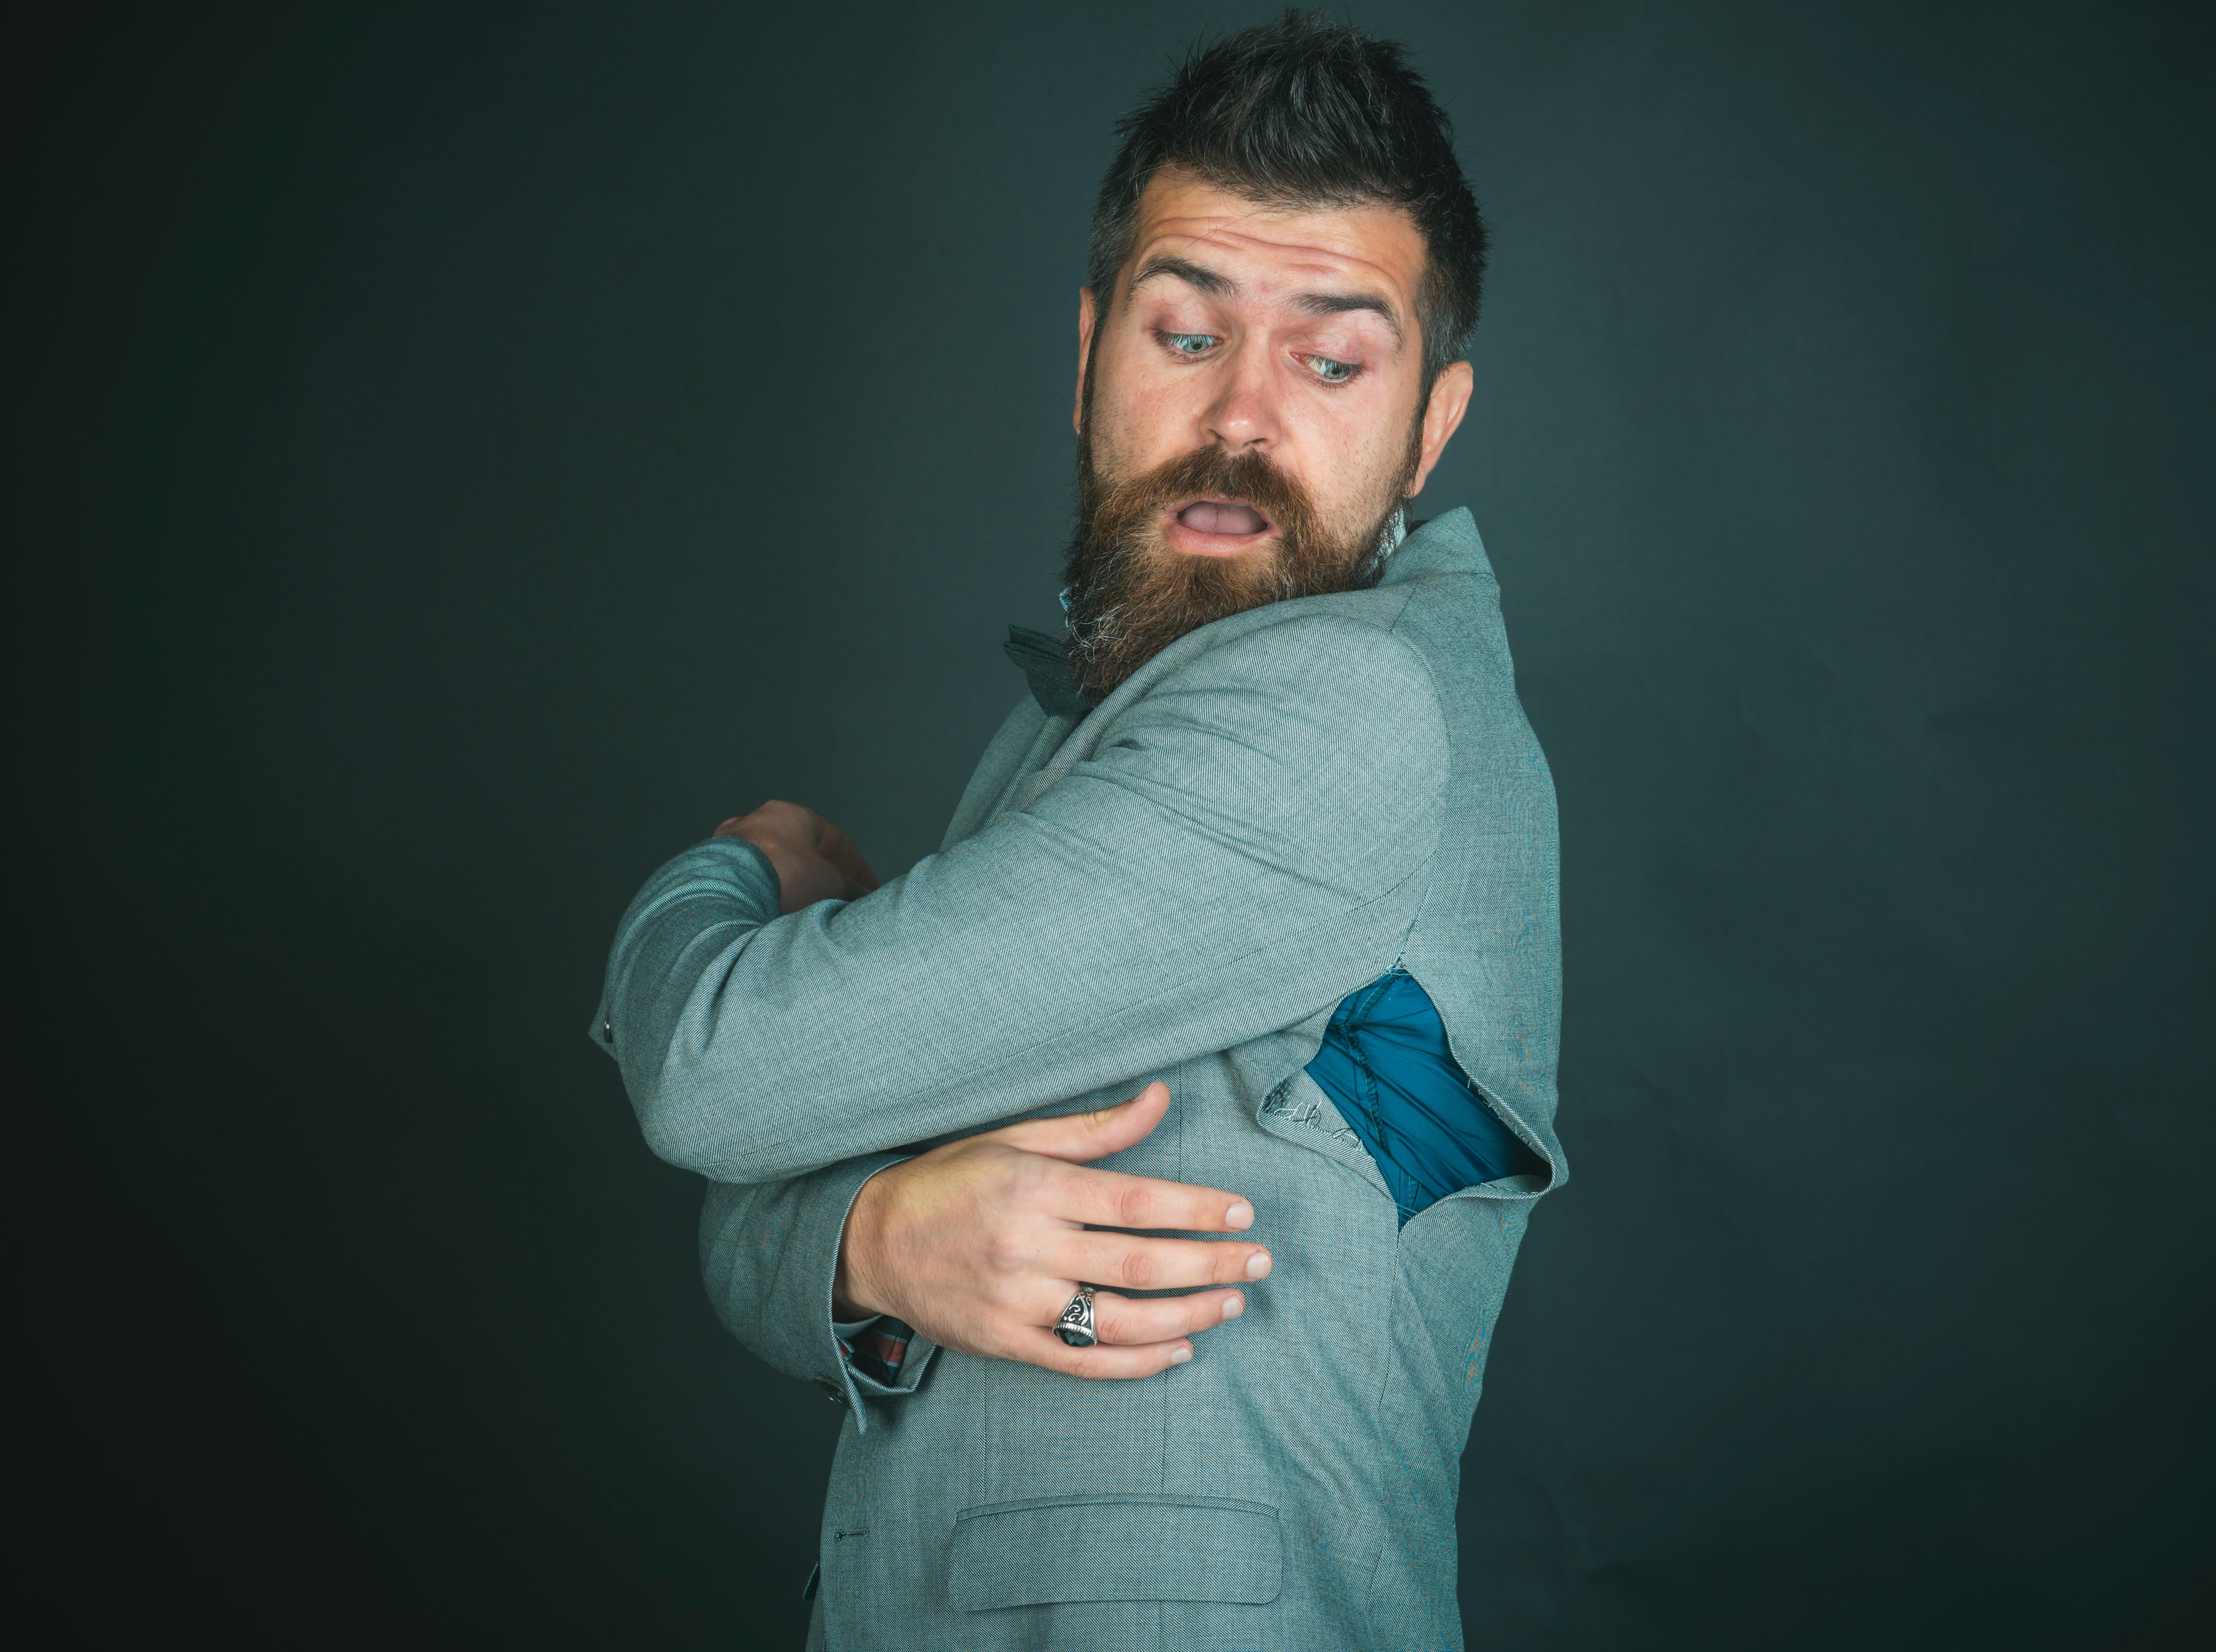 Imagem de uma pessoa com a blusa rasgada para remeter ao texto para abrir uma loja de conserto de roupas